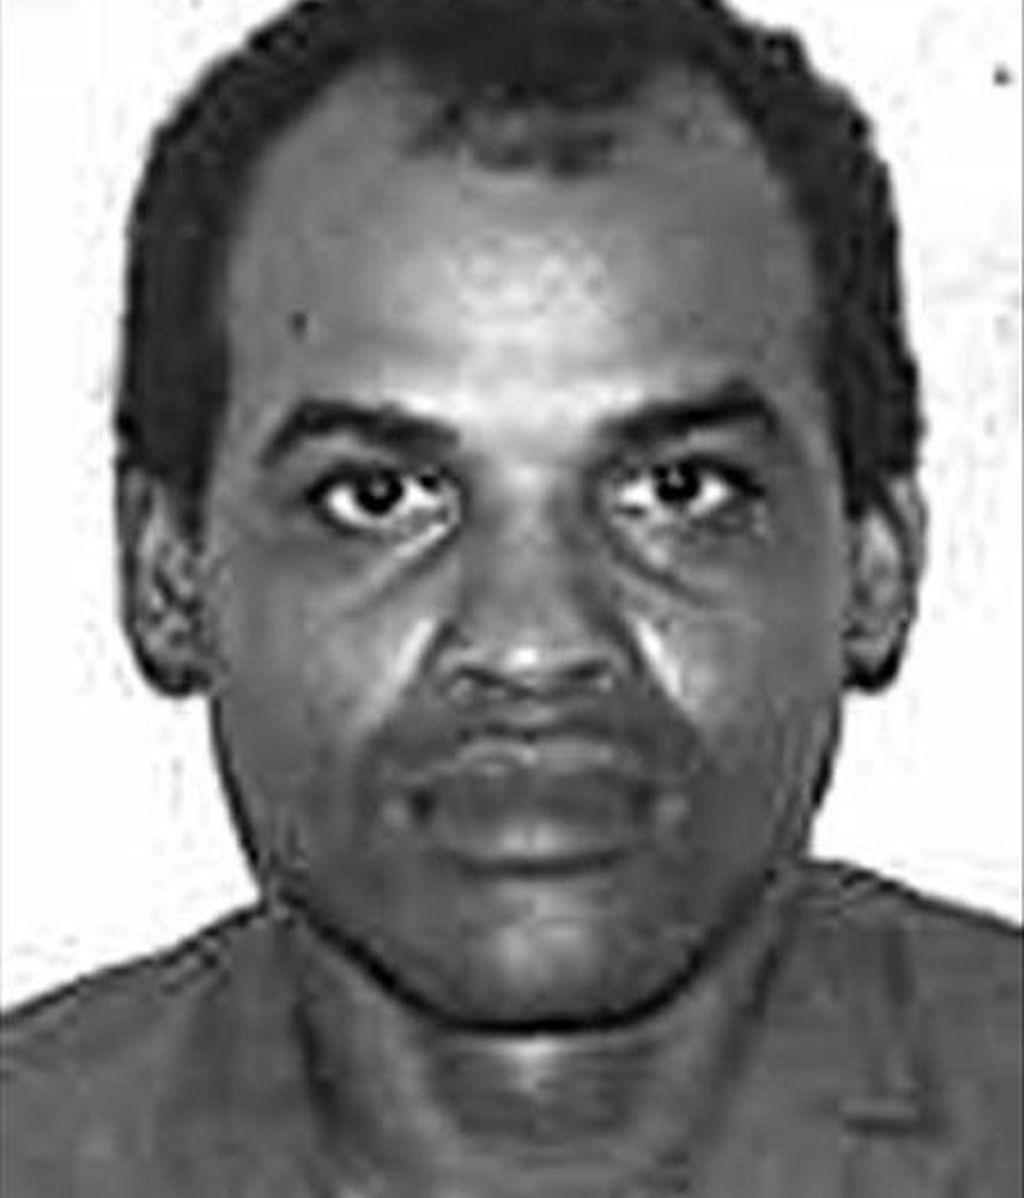 """Fotografía de archivo sin fechar cedida este martes del preso político cubano Orlando Zapata Tamayo, quien murió en un hospital de La Habana tras 85 días en huelga de hambre para pedir que se le tratara como """"prisionero de conciencia"""", informaron fuentes opositoras. EFE"""